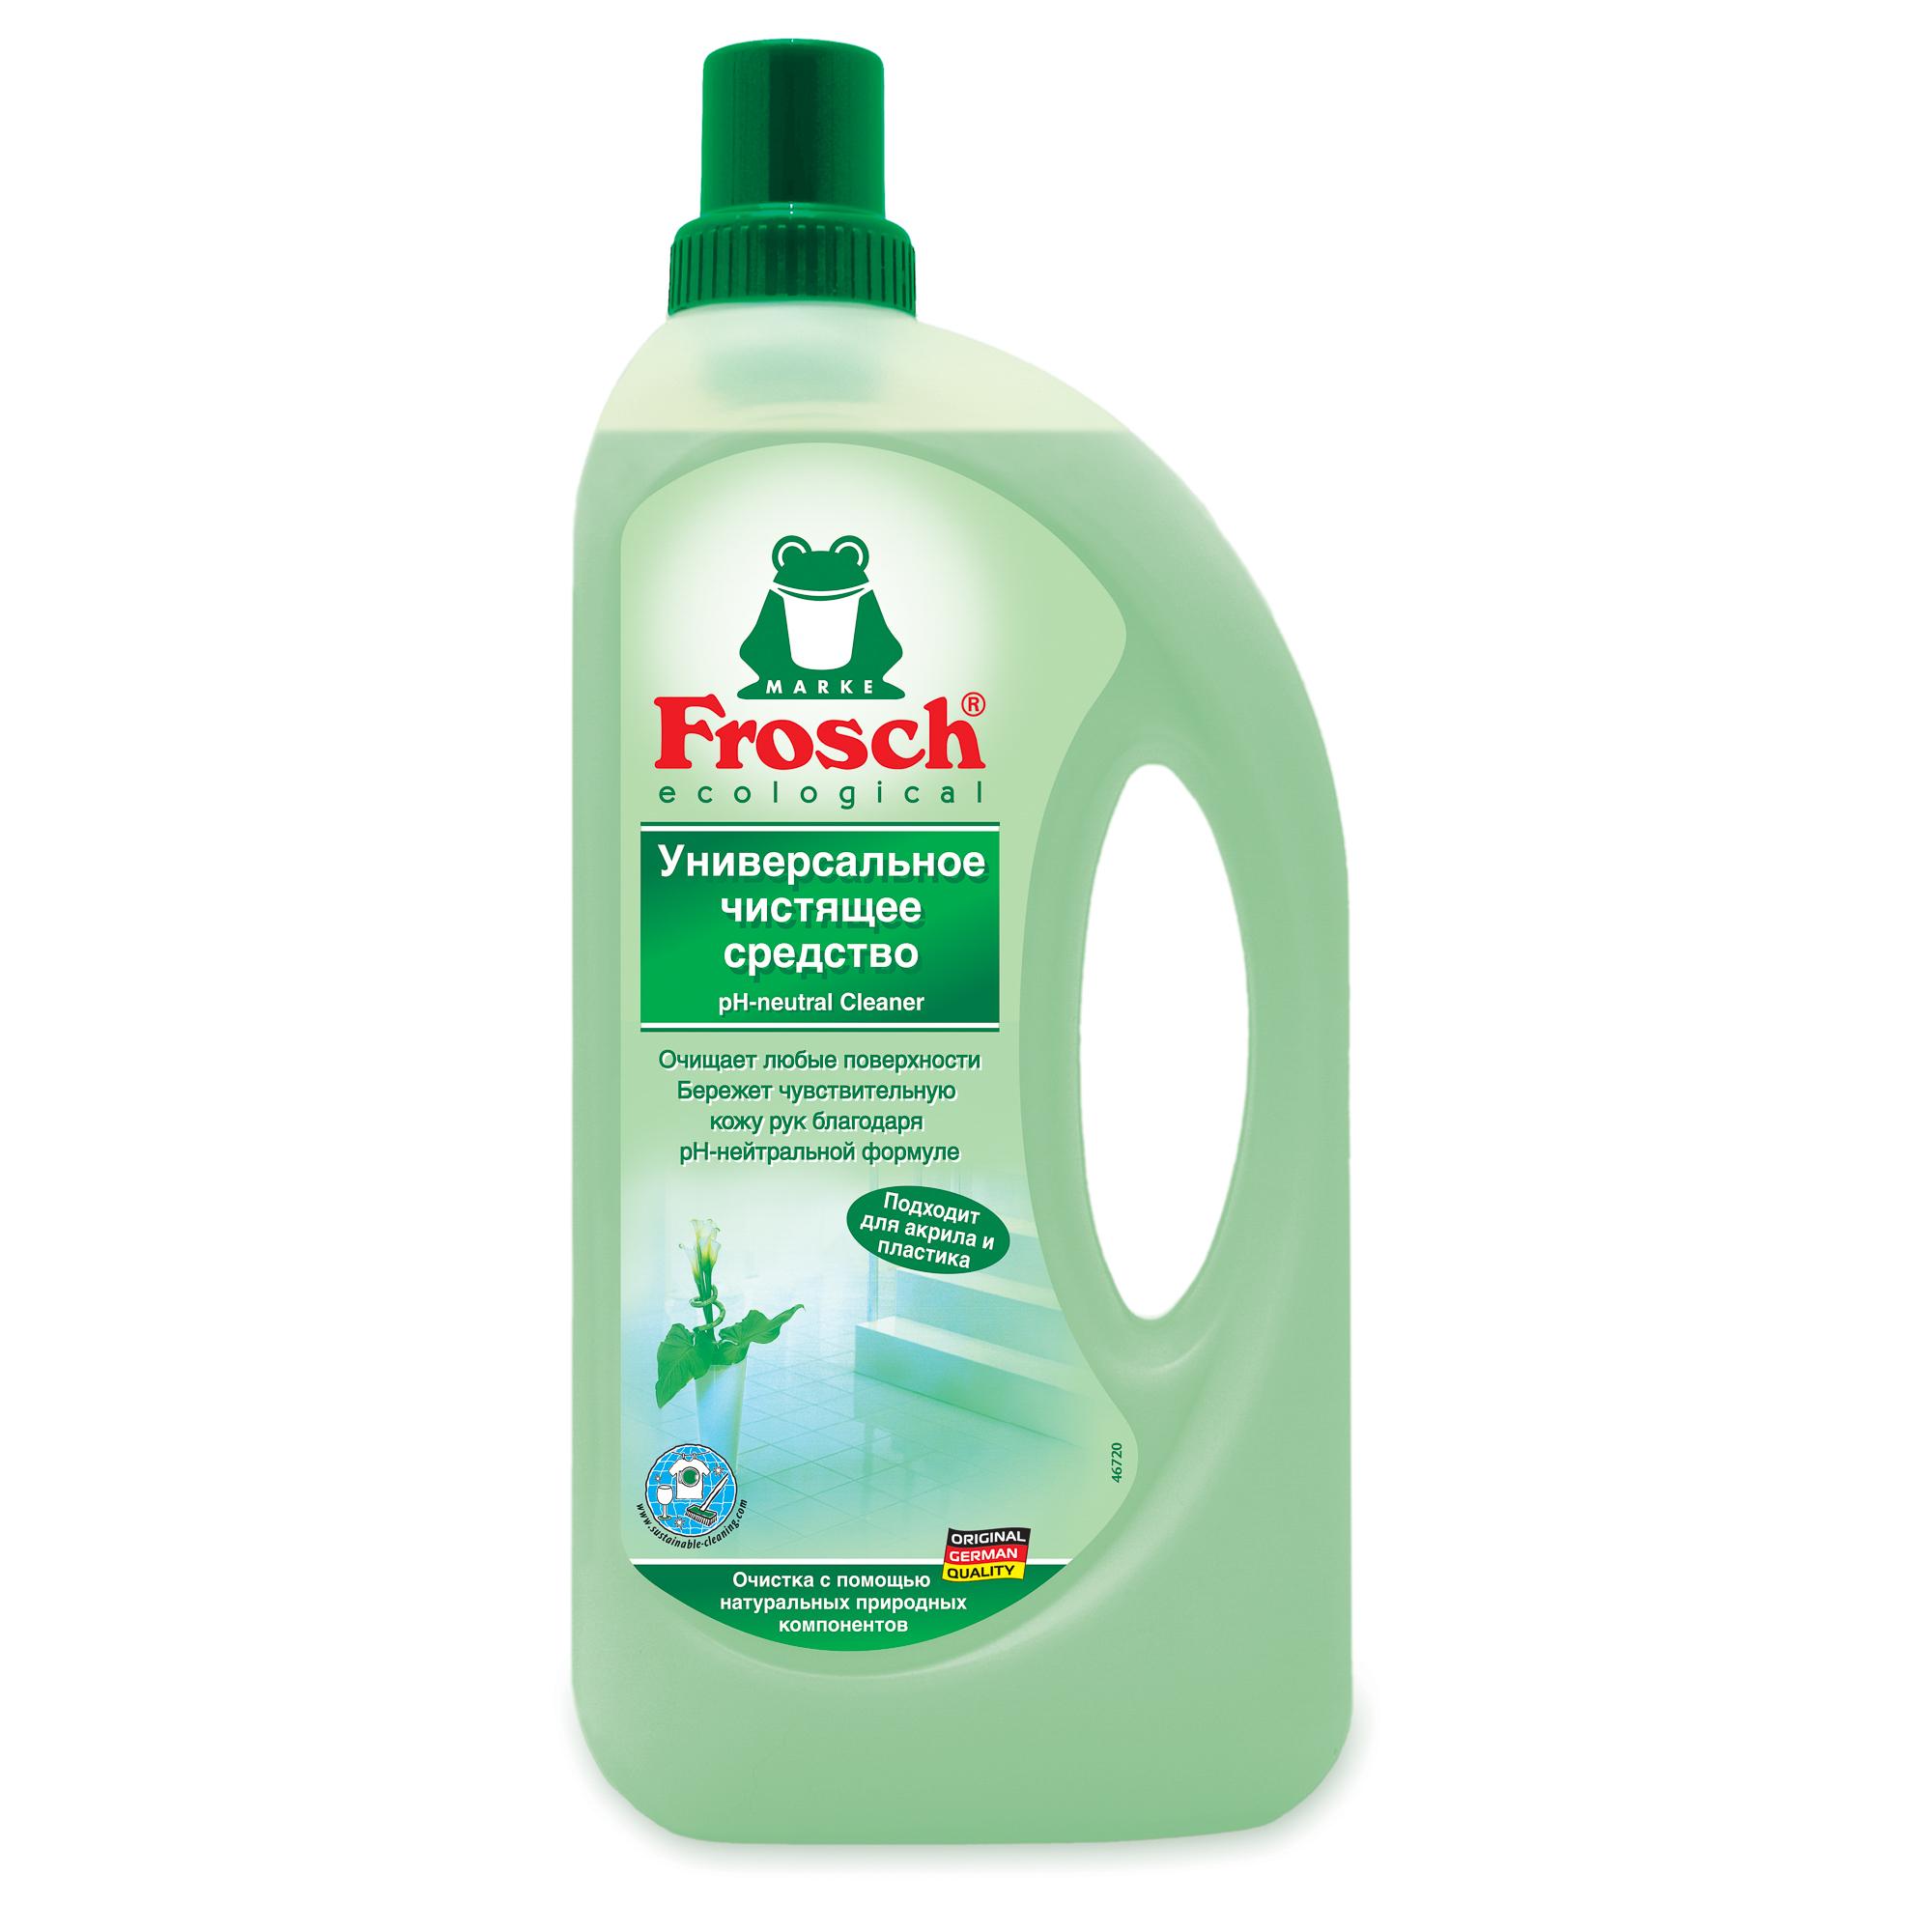 Универсальное чистящее средство Frosch 1 л